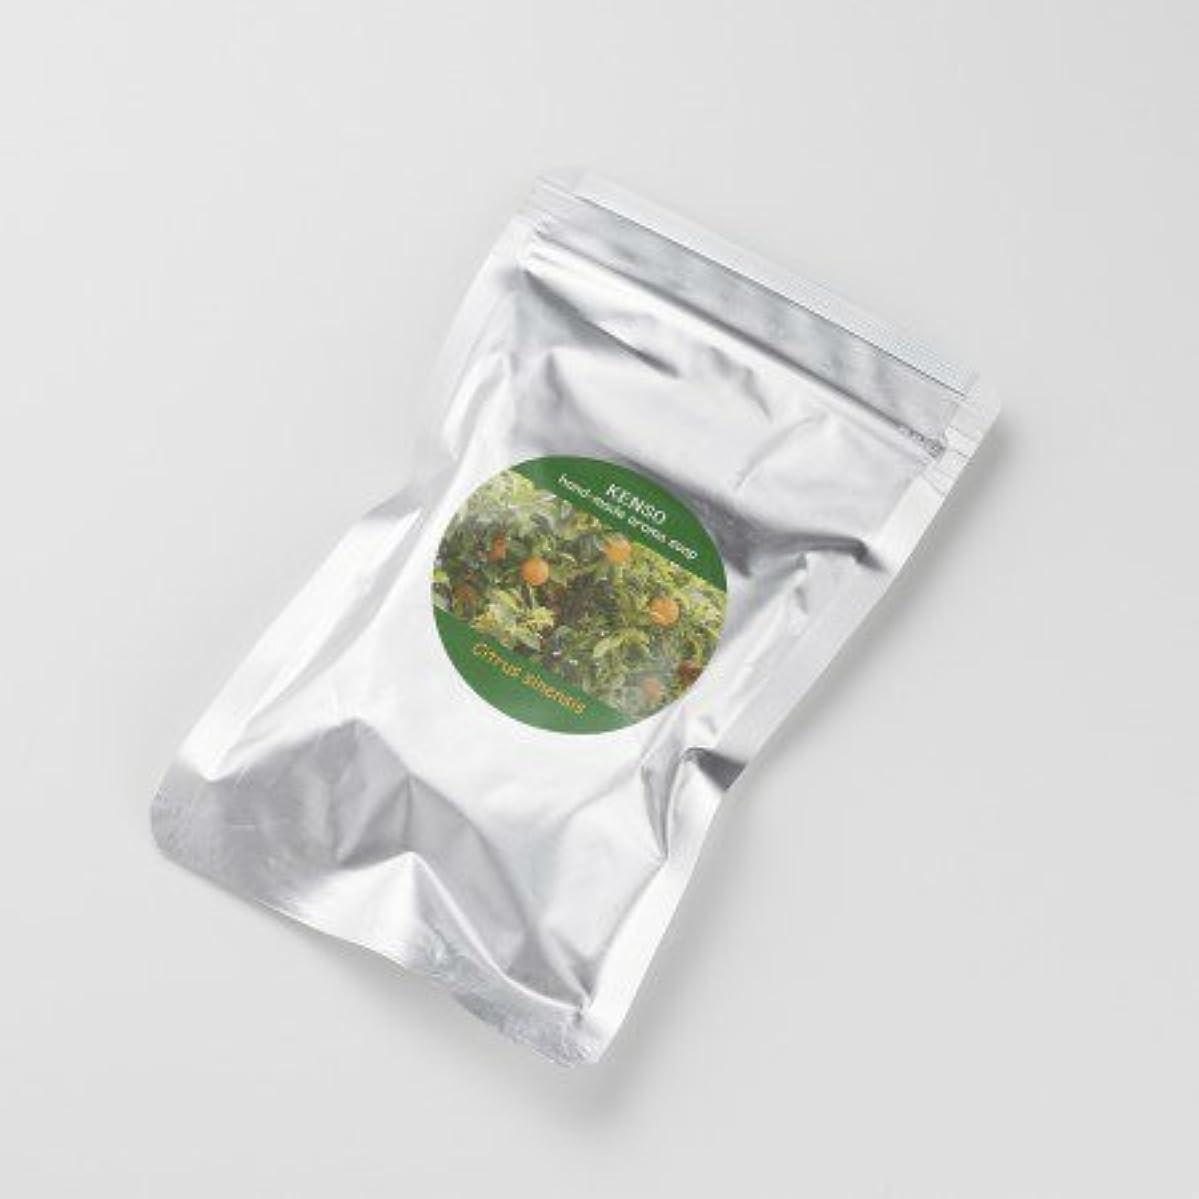 フェロー諸島言い訳周術期ケンソー アロマグリセリンソープ オレンジソープ 石鹸 50g